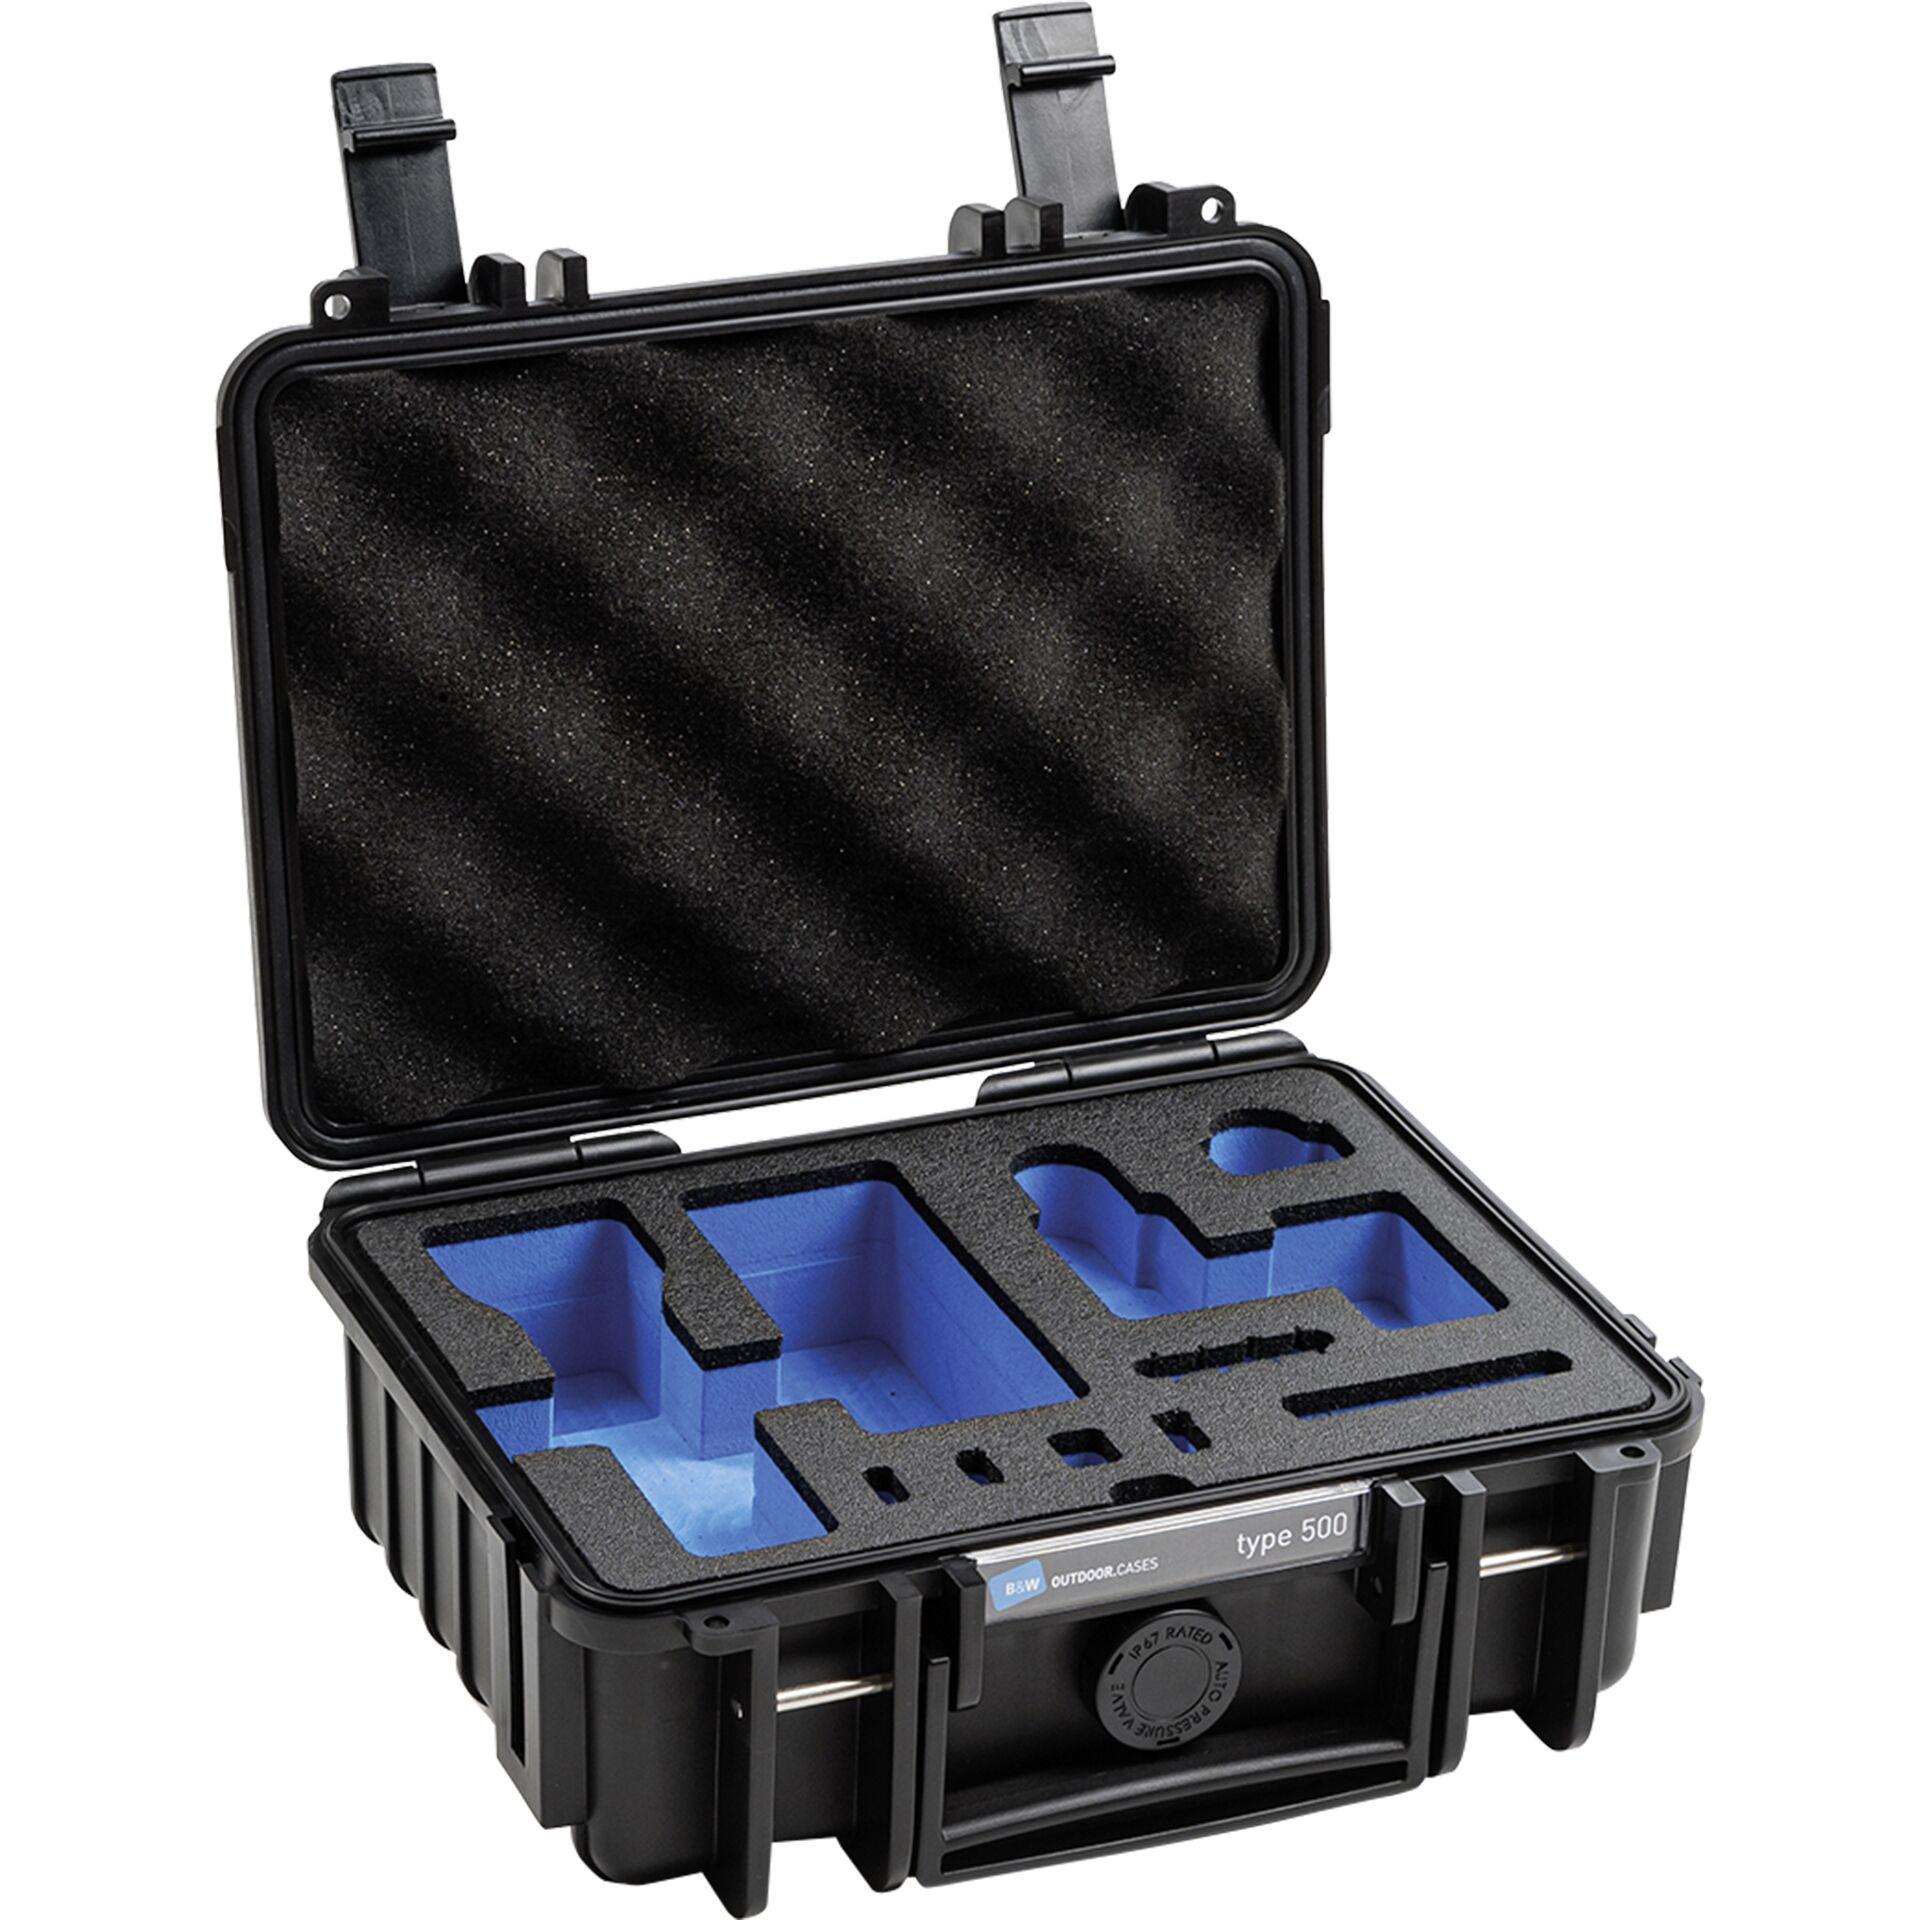 B&W Gimbal Case Type 500 B black for DJI Pocket 2